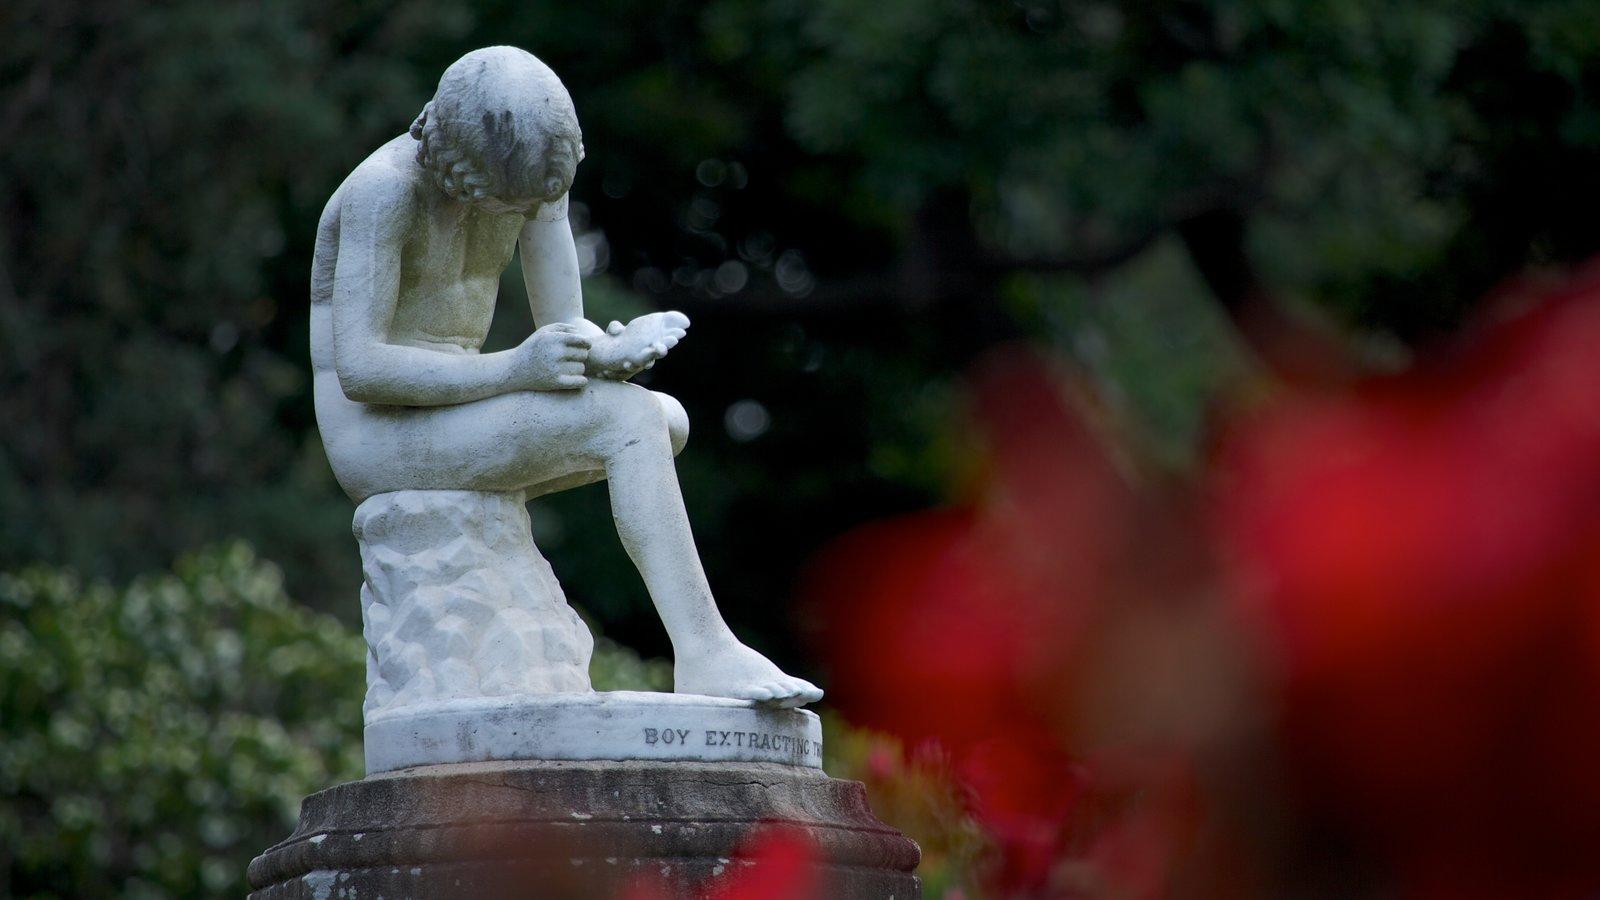 Royal Botanic Gardens caracterizando um monumento, arte ao ar livre e um parque